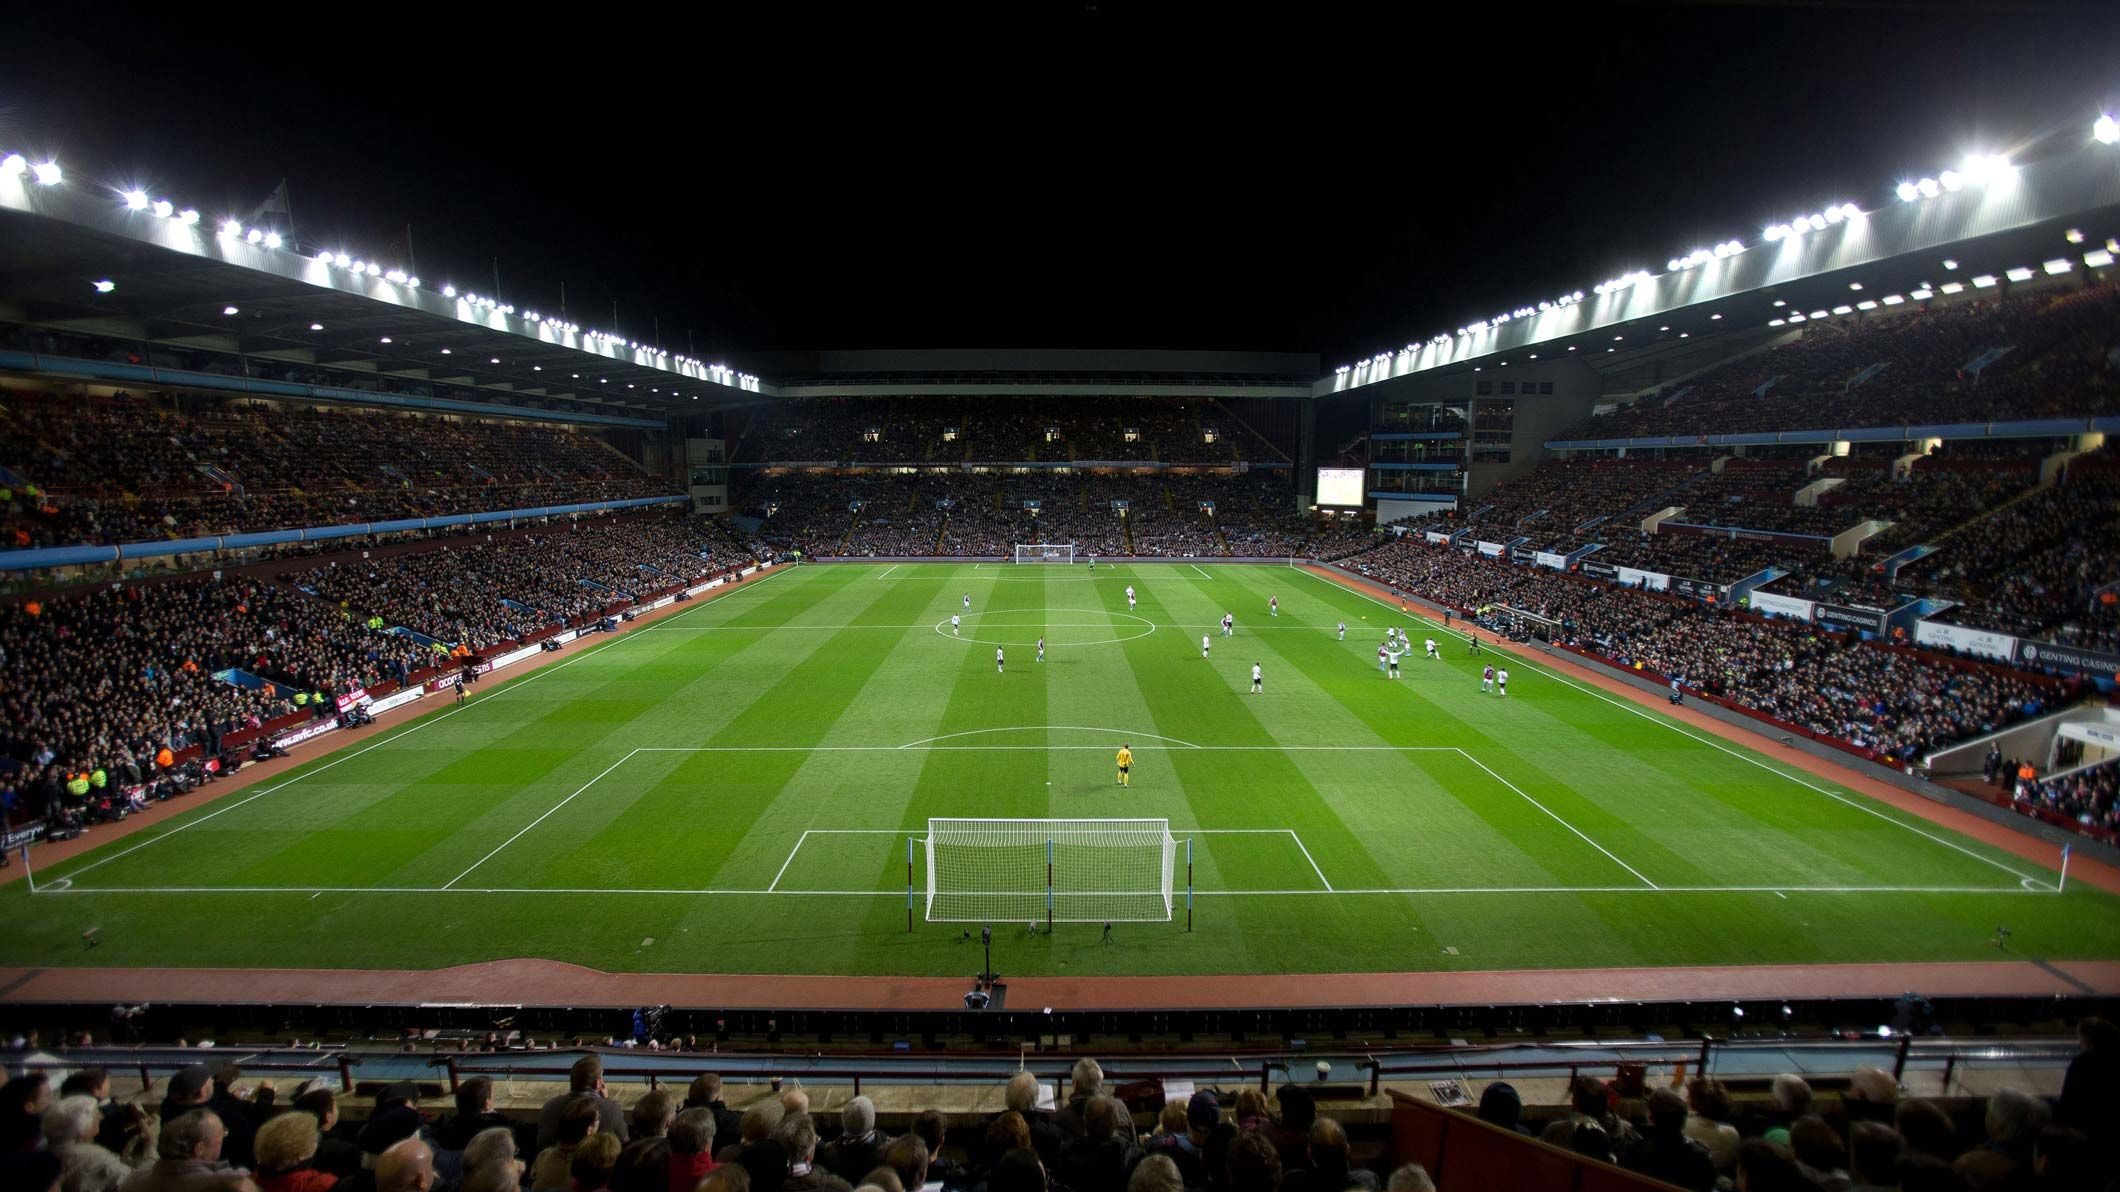 AstonVilla Villa Park Stadium 9ine Aston Villa